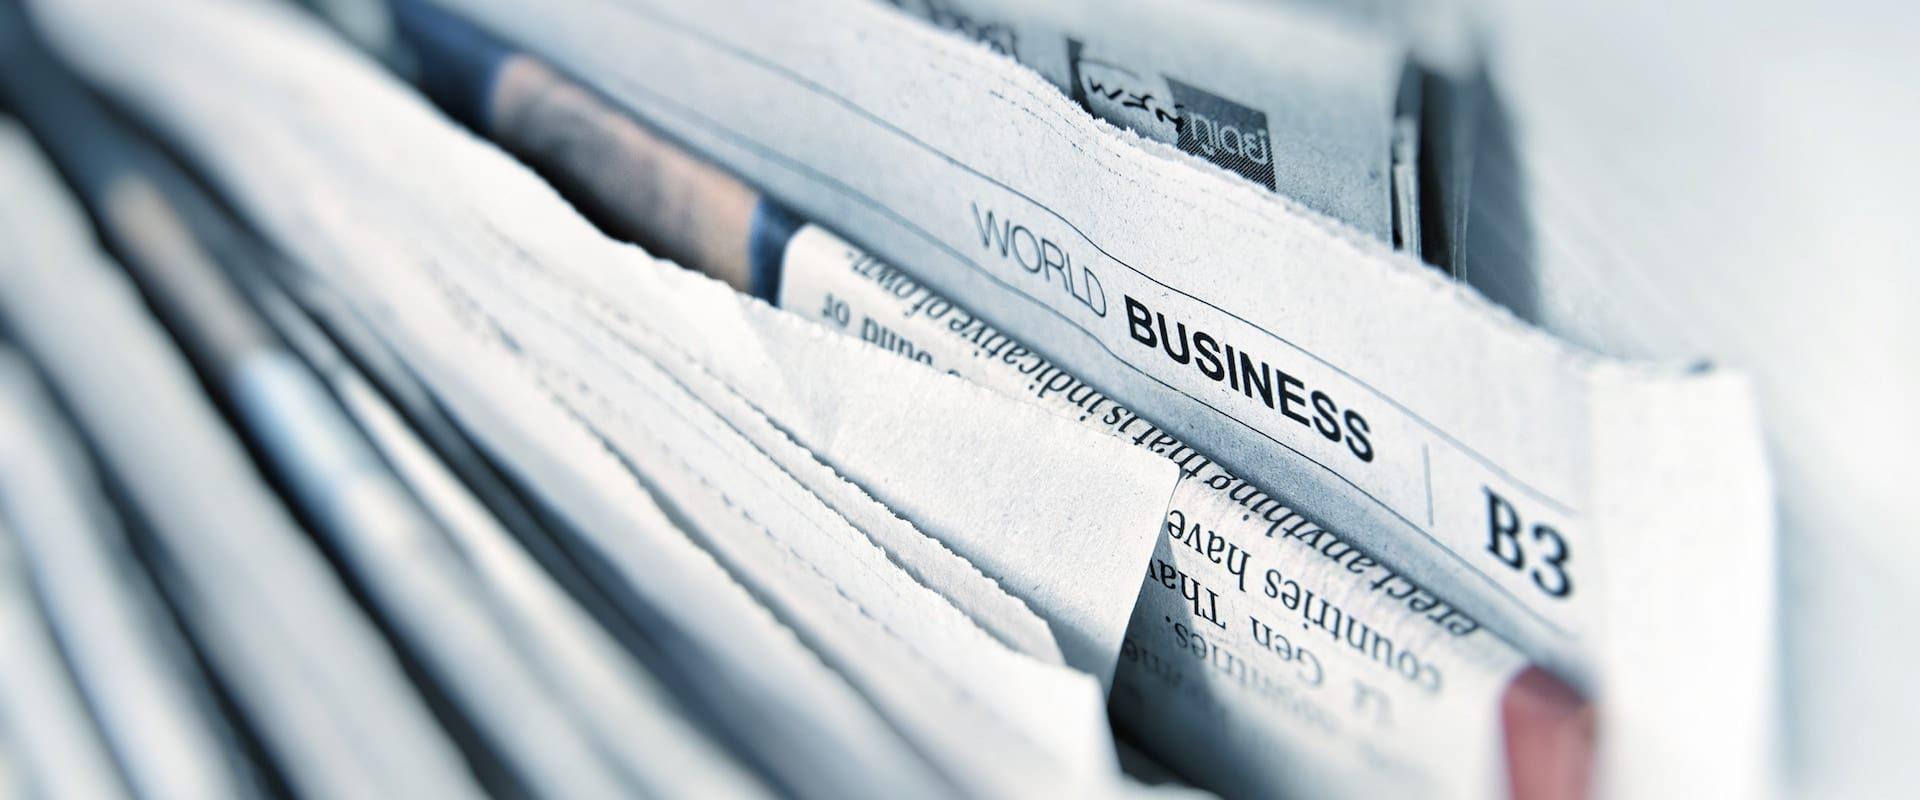 Nærbilde av mange aviser med skriften